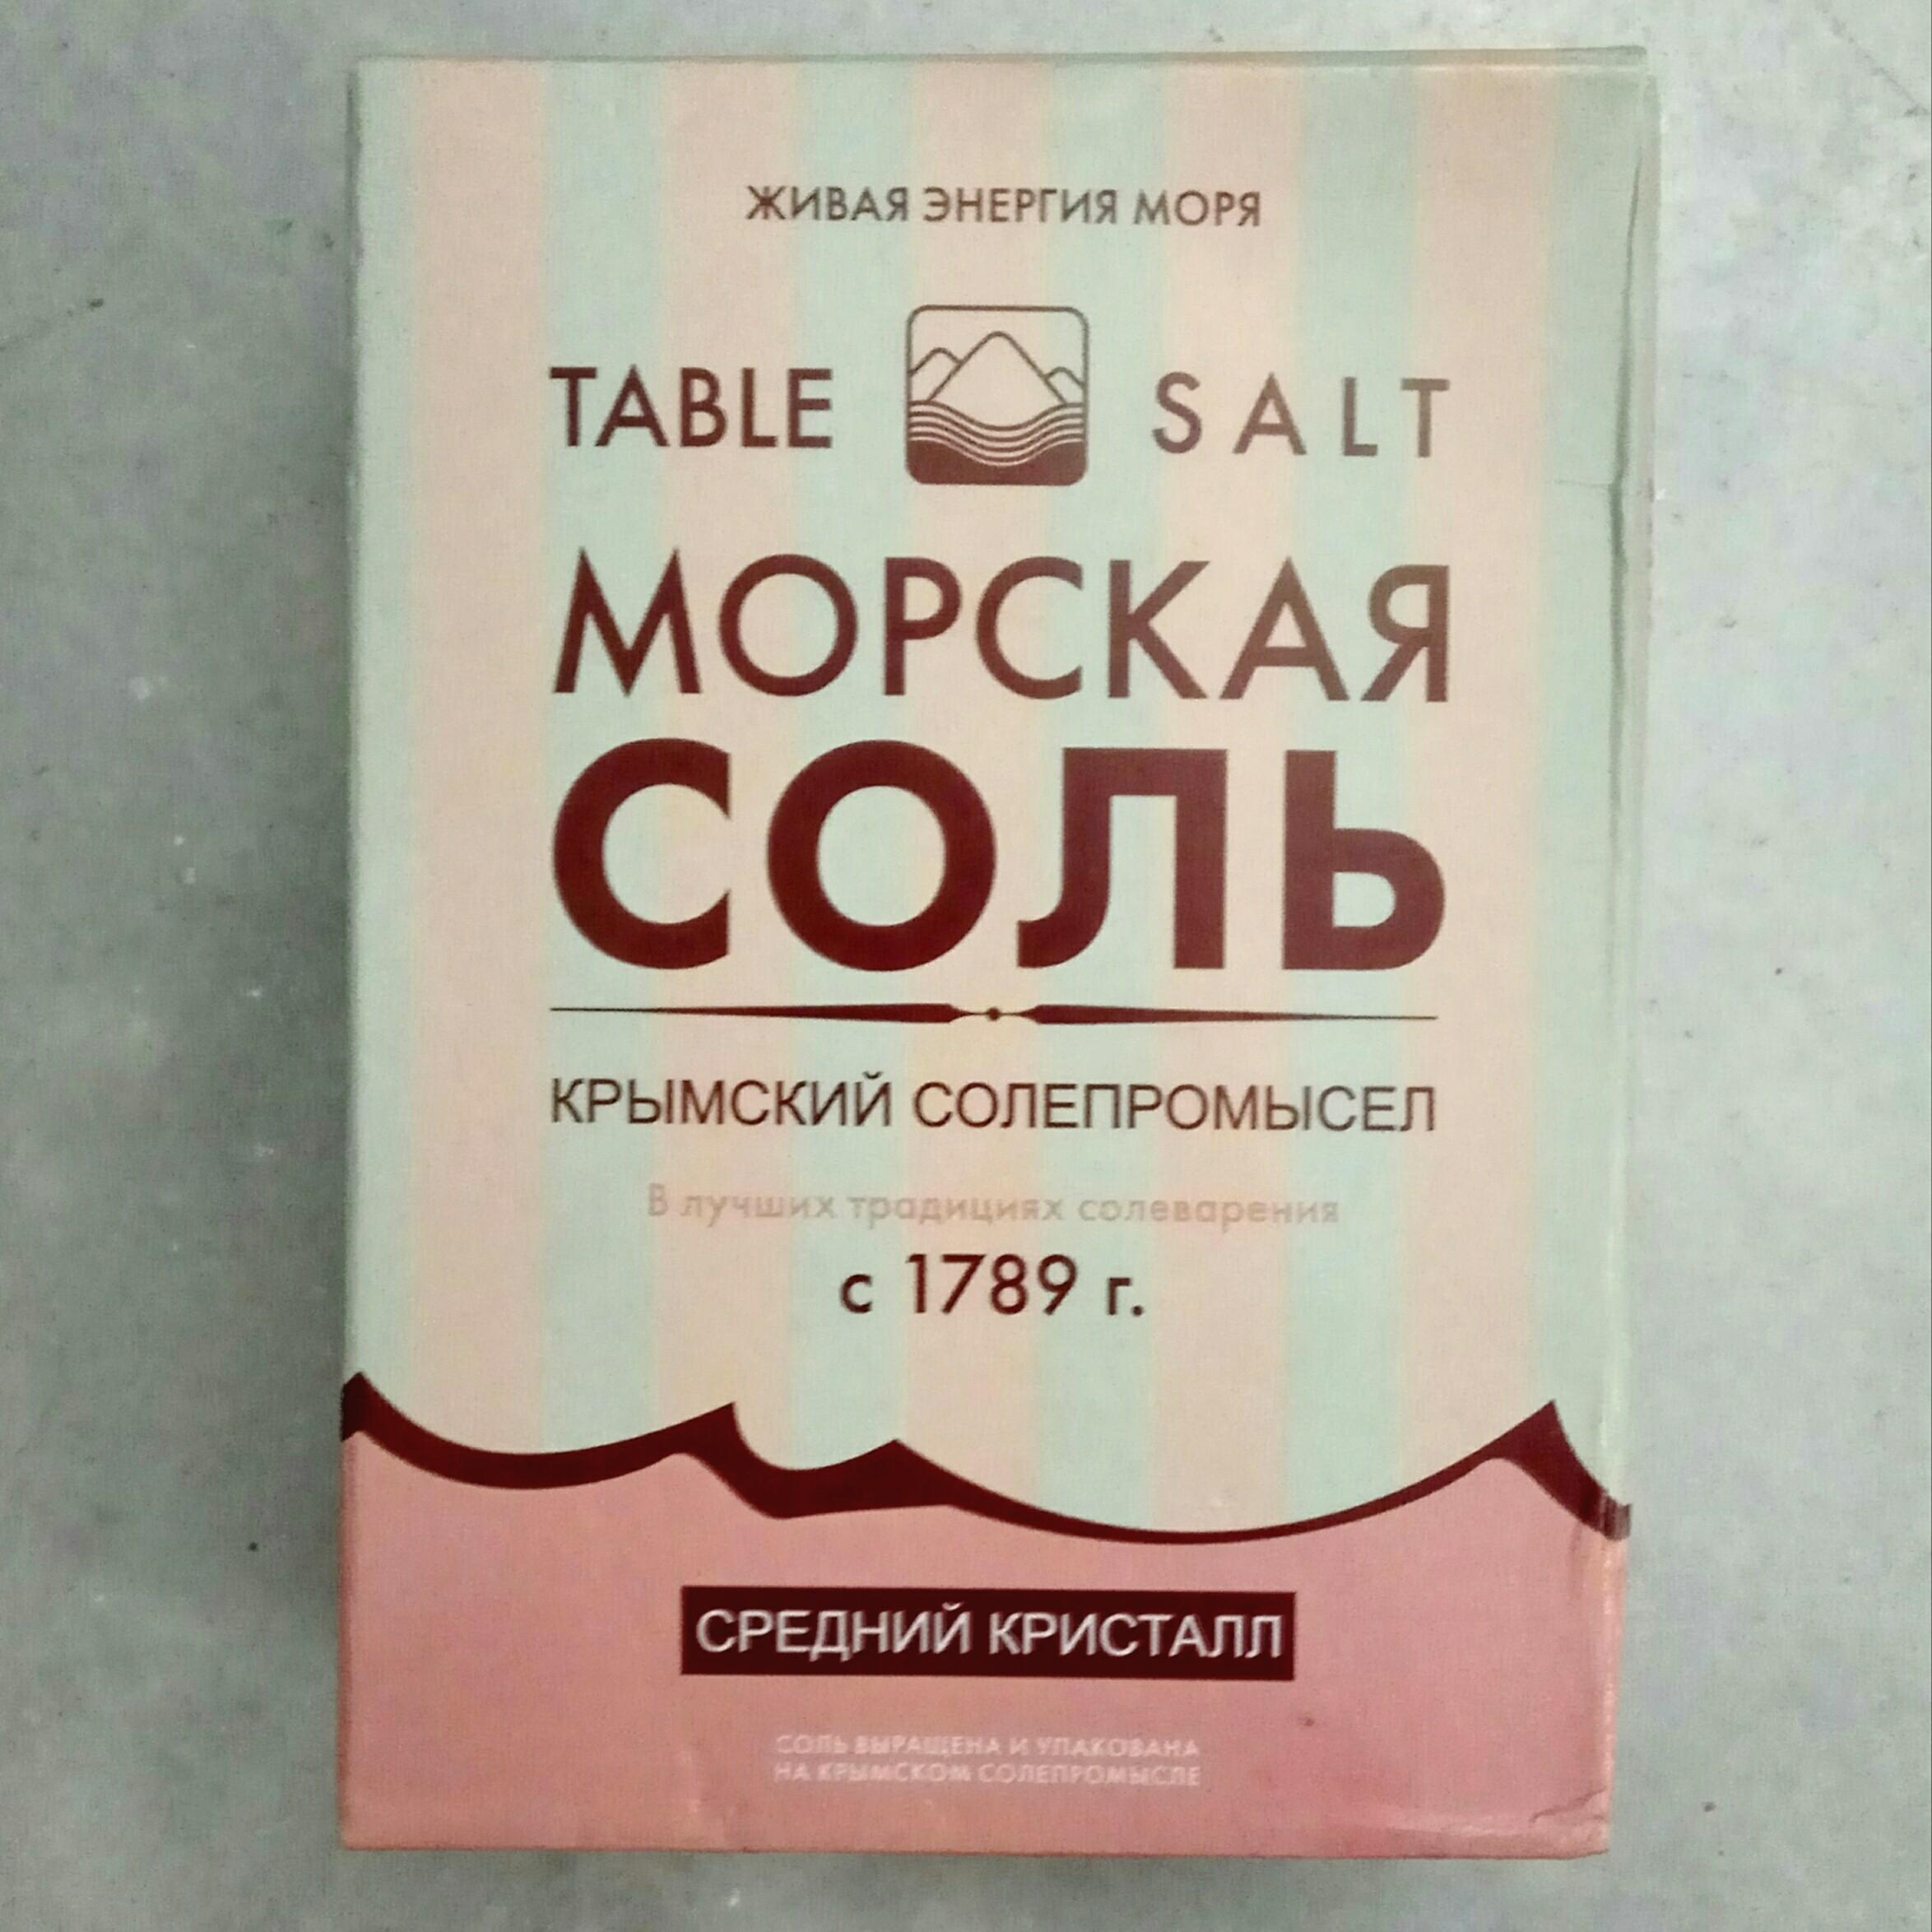 морская розовая соль купить